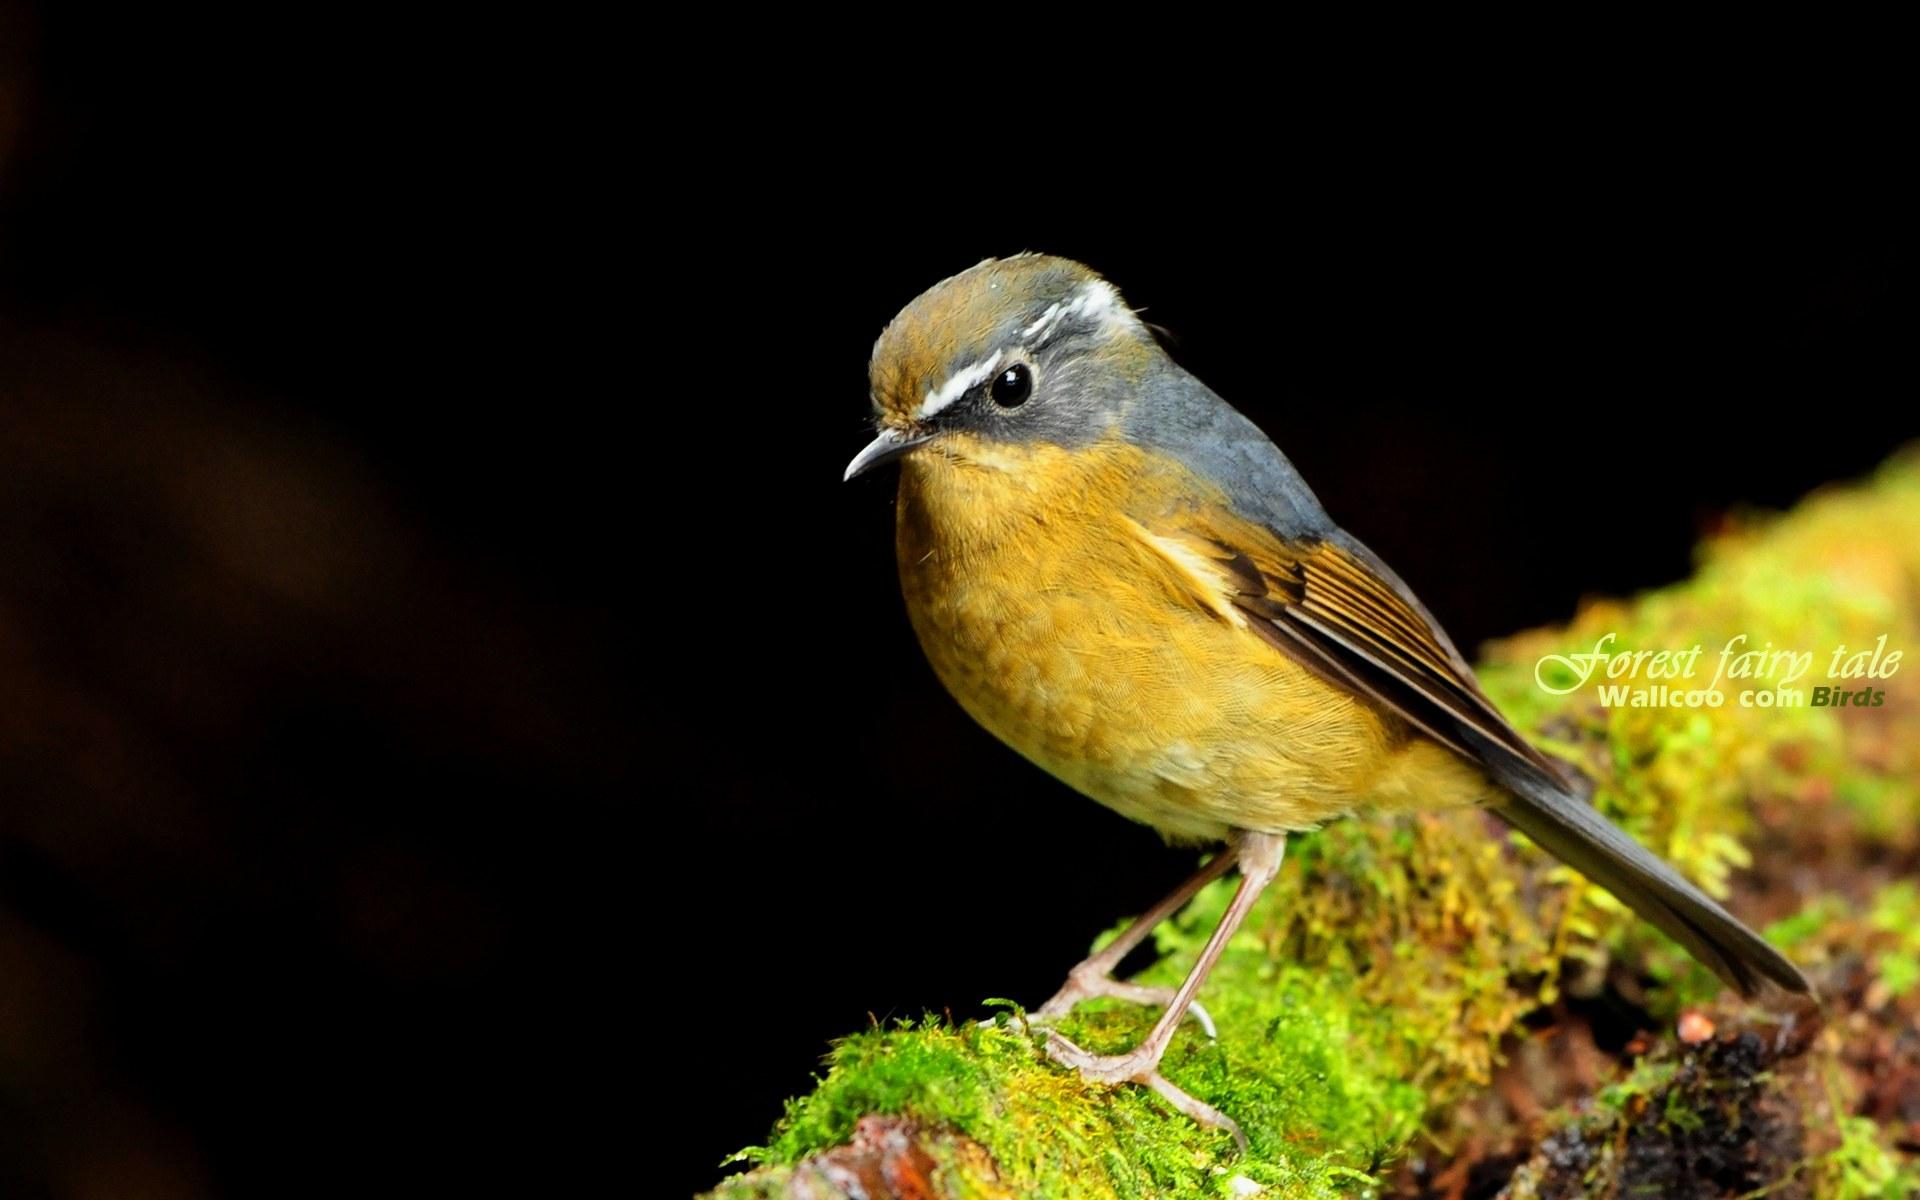 壁纸/树林里的小精灵春天可爱小鸟壁纸 白眉林鸲灵气可爱小鸟图片...